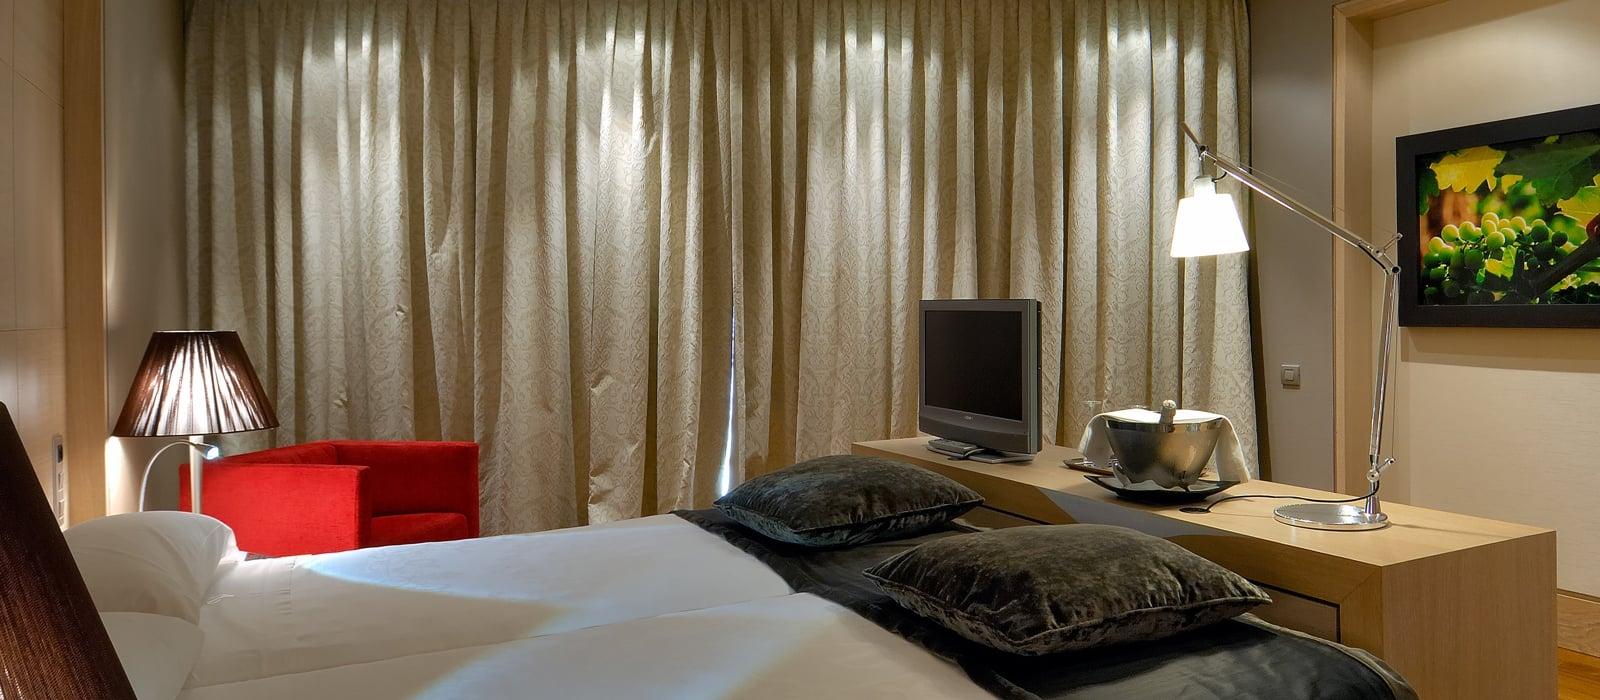 Angebote Frontaura Hotel Valladolid - Vincci Hoteles